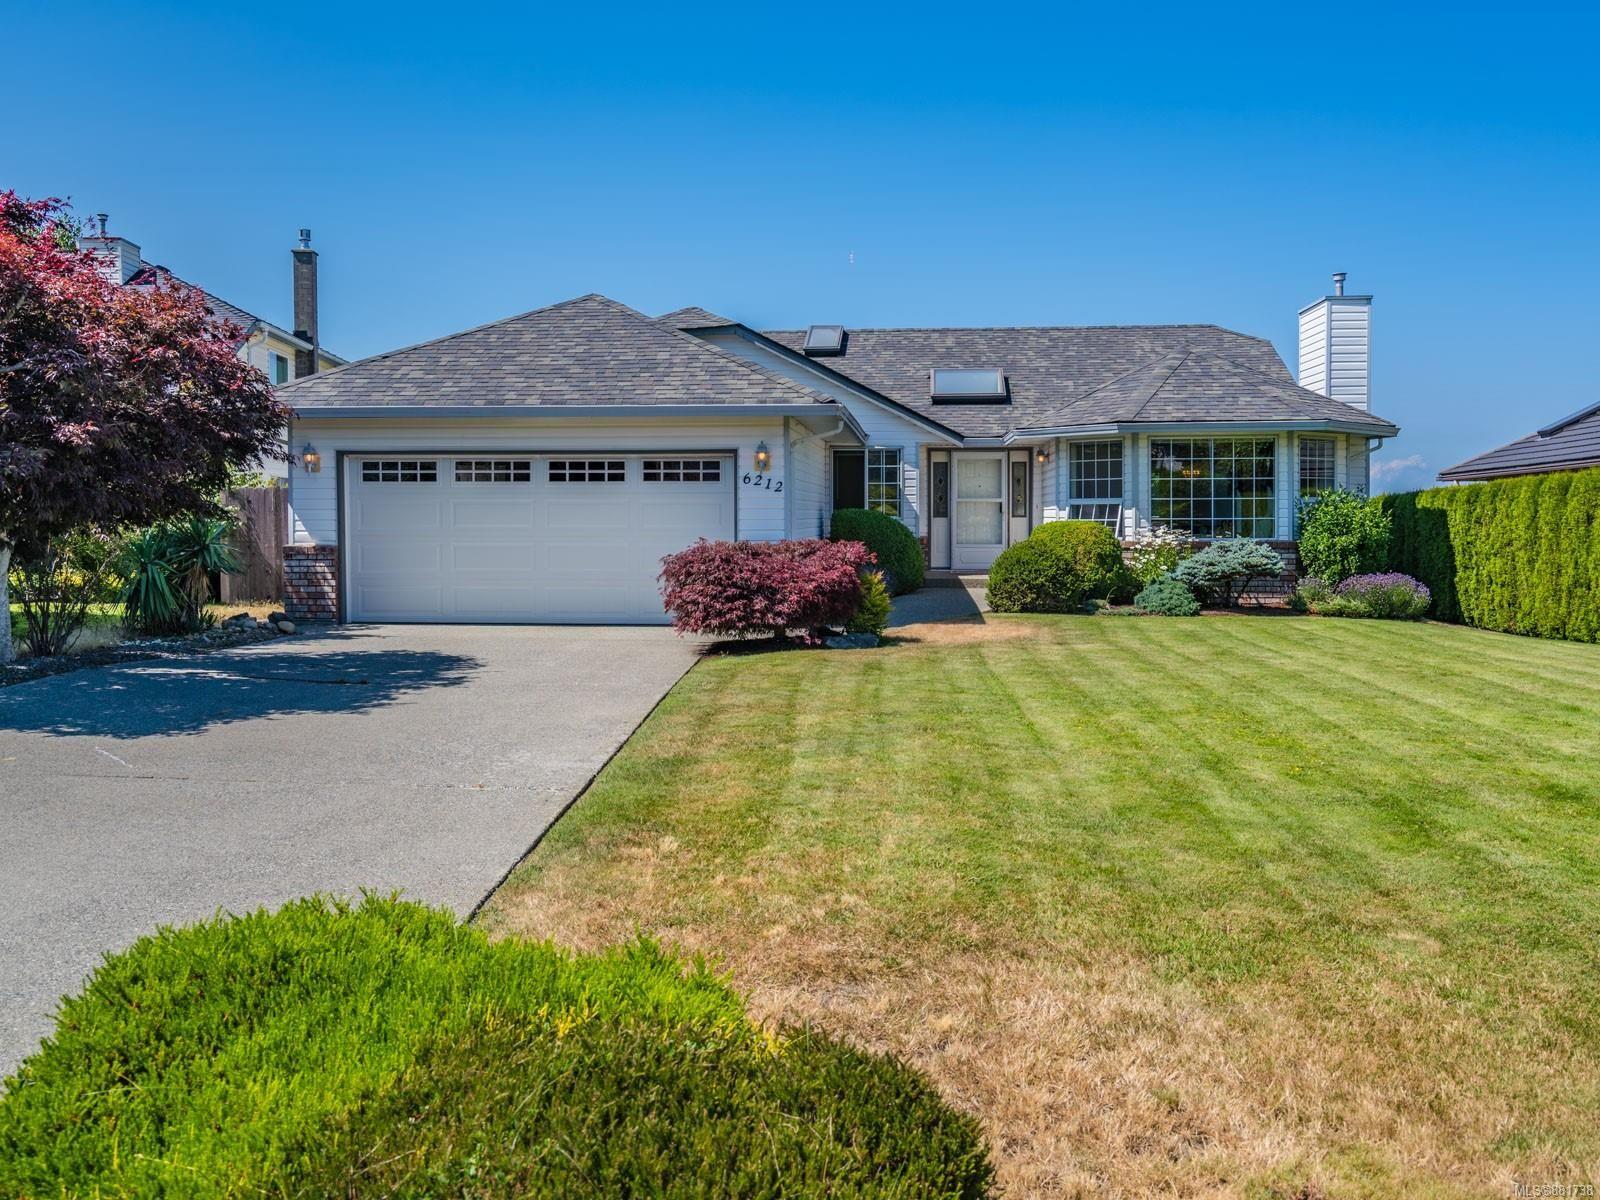 Main Photo: 6212 Siros Pl in : Na North Nanaimo House for sale (Nanaimo)  : MLS®# 881738